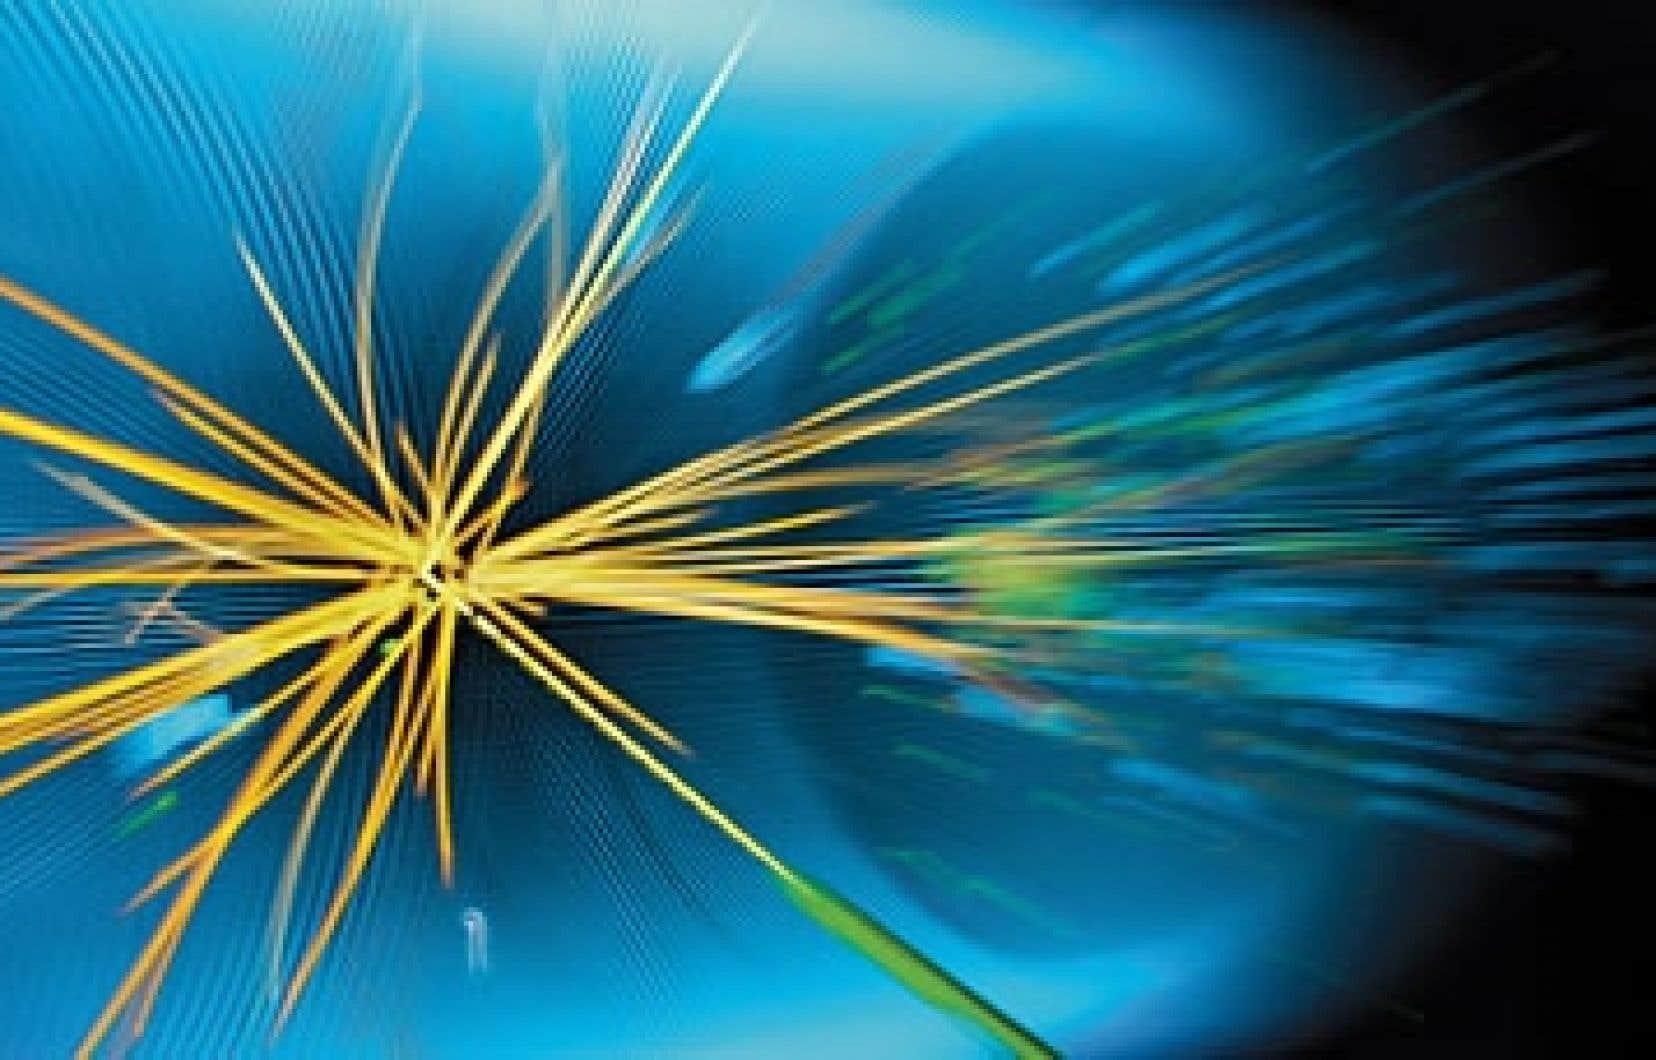 Les traces de collisions entre protons mesurées au LHC du CERN.